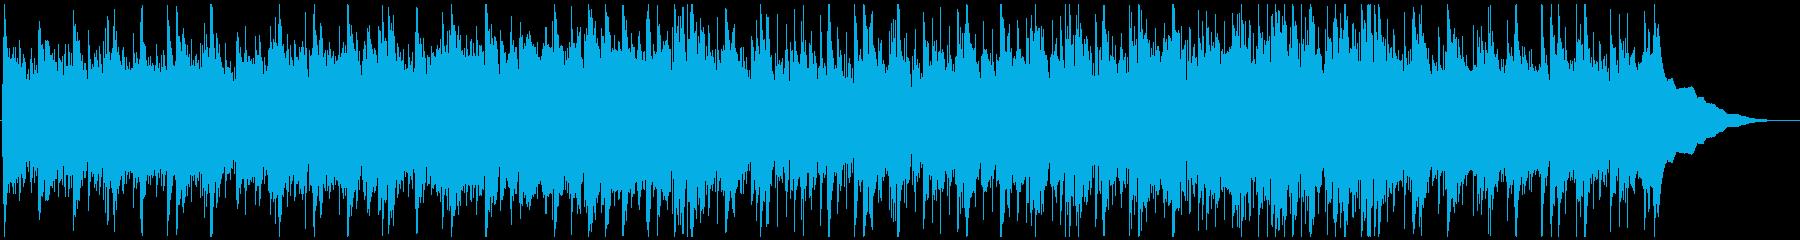 爽やか のどか 風 笛 アコースティックの再生済みの波形